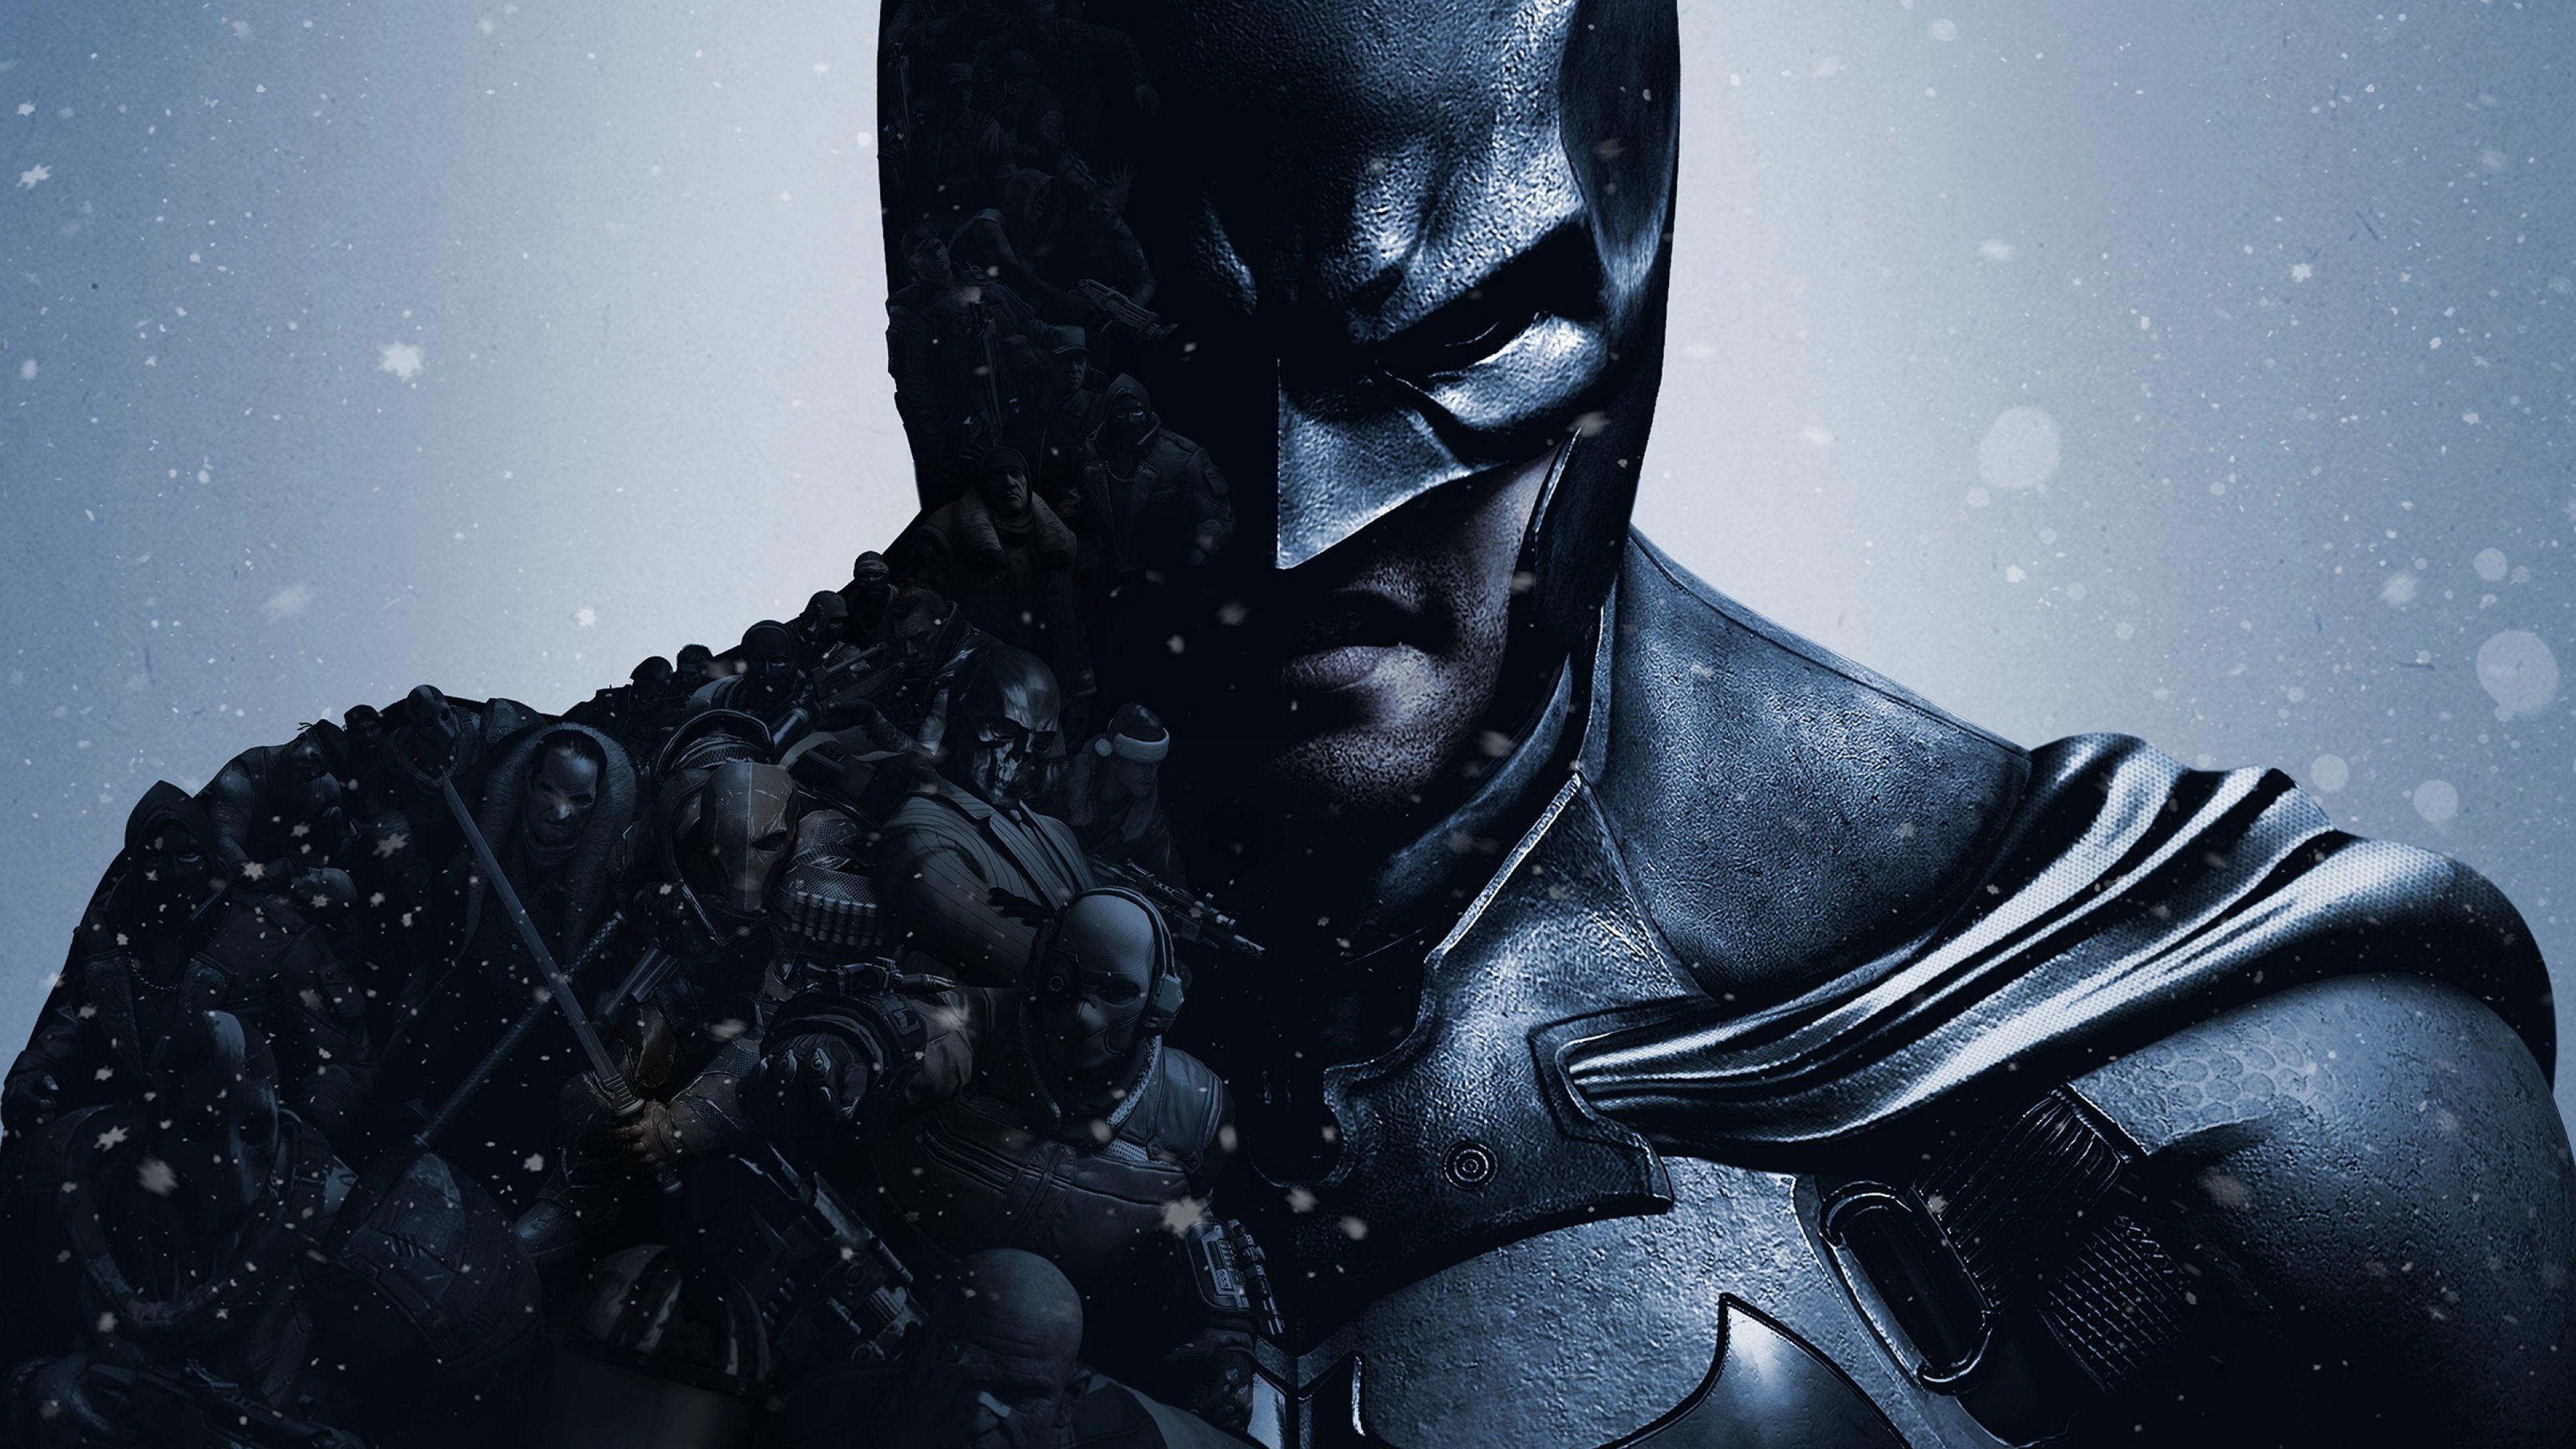 Batman 4k Wallpaper 3840x2400 4k 16 10 Ultra Hd Uhd Batman Arkham Origins Batman Wallpaper Batman